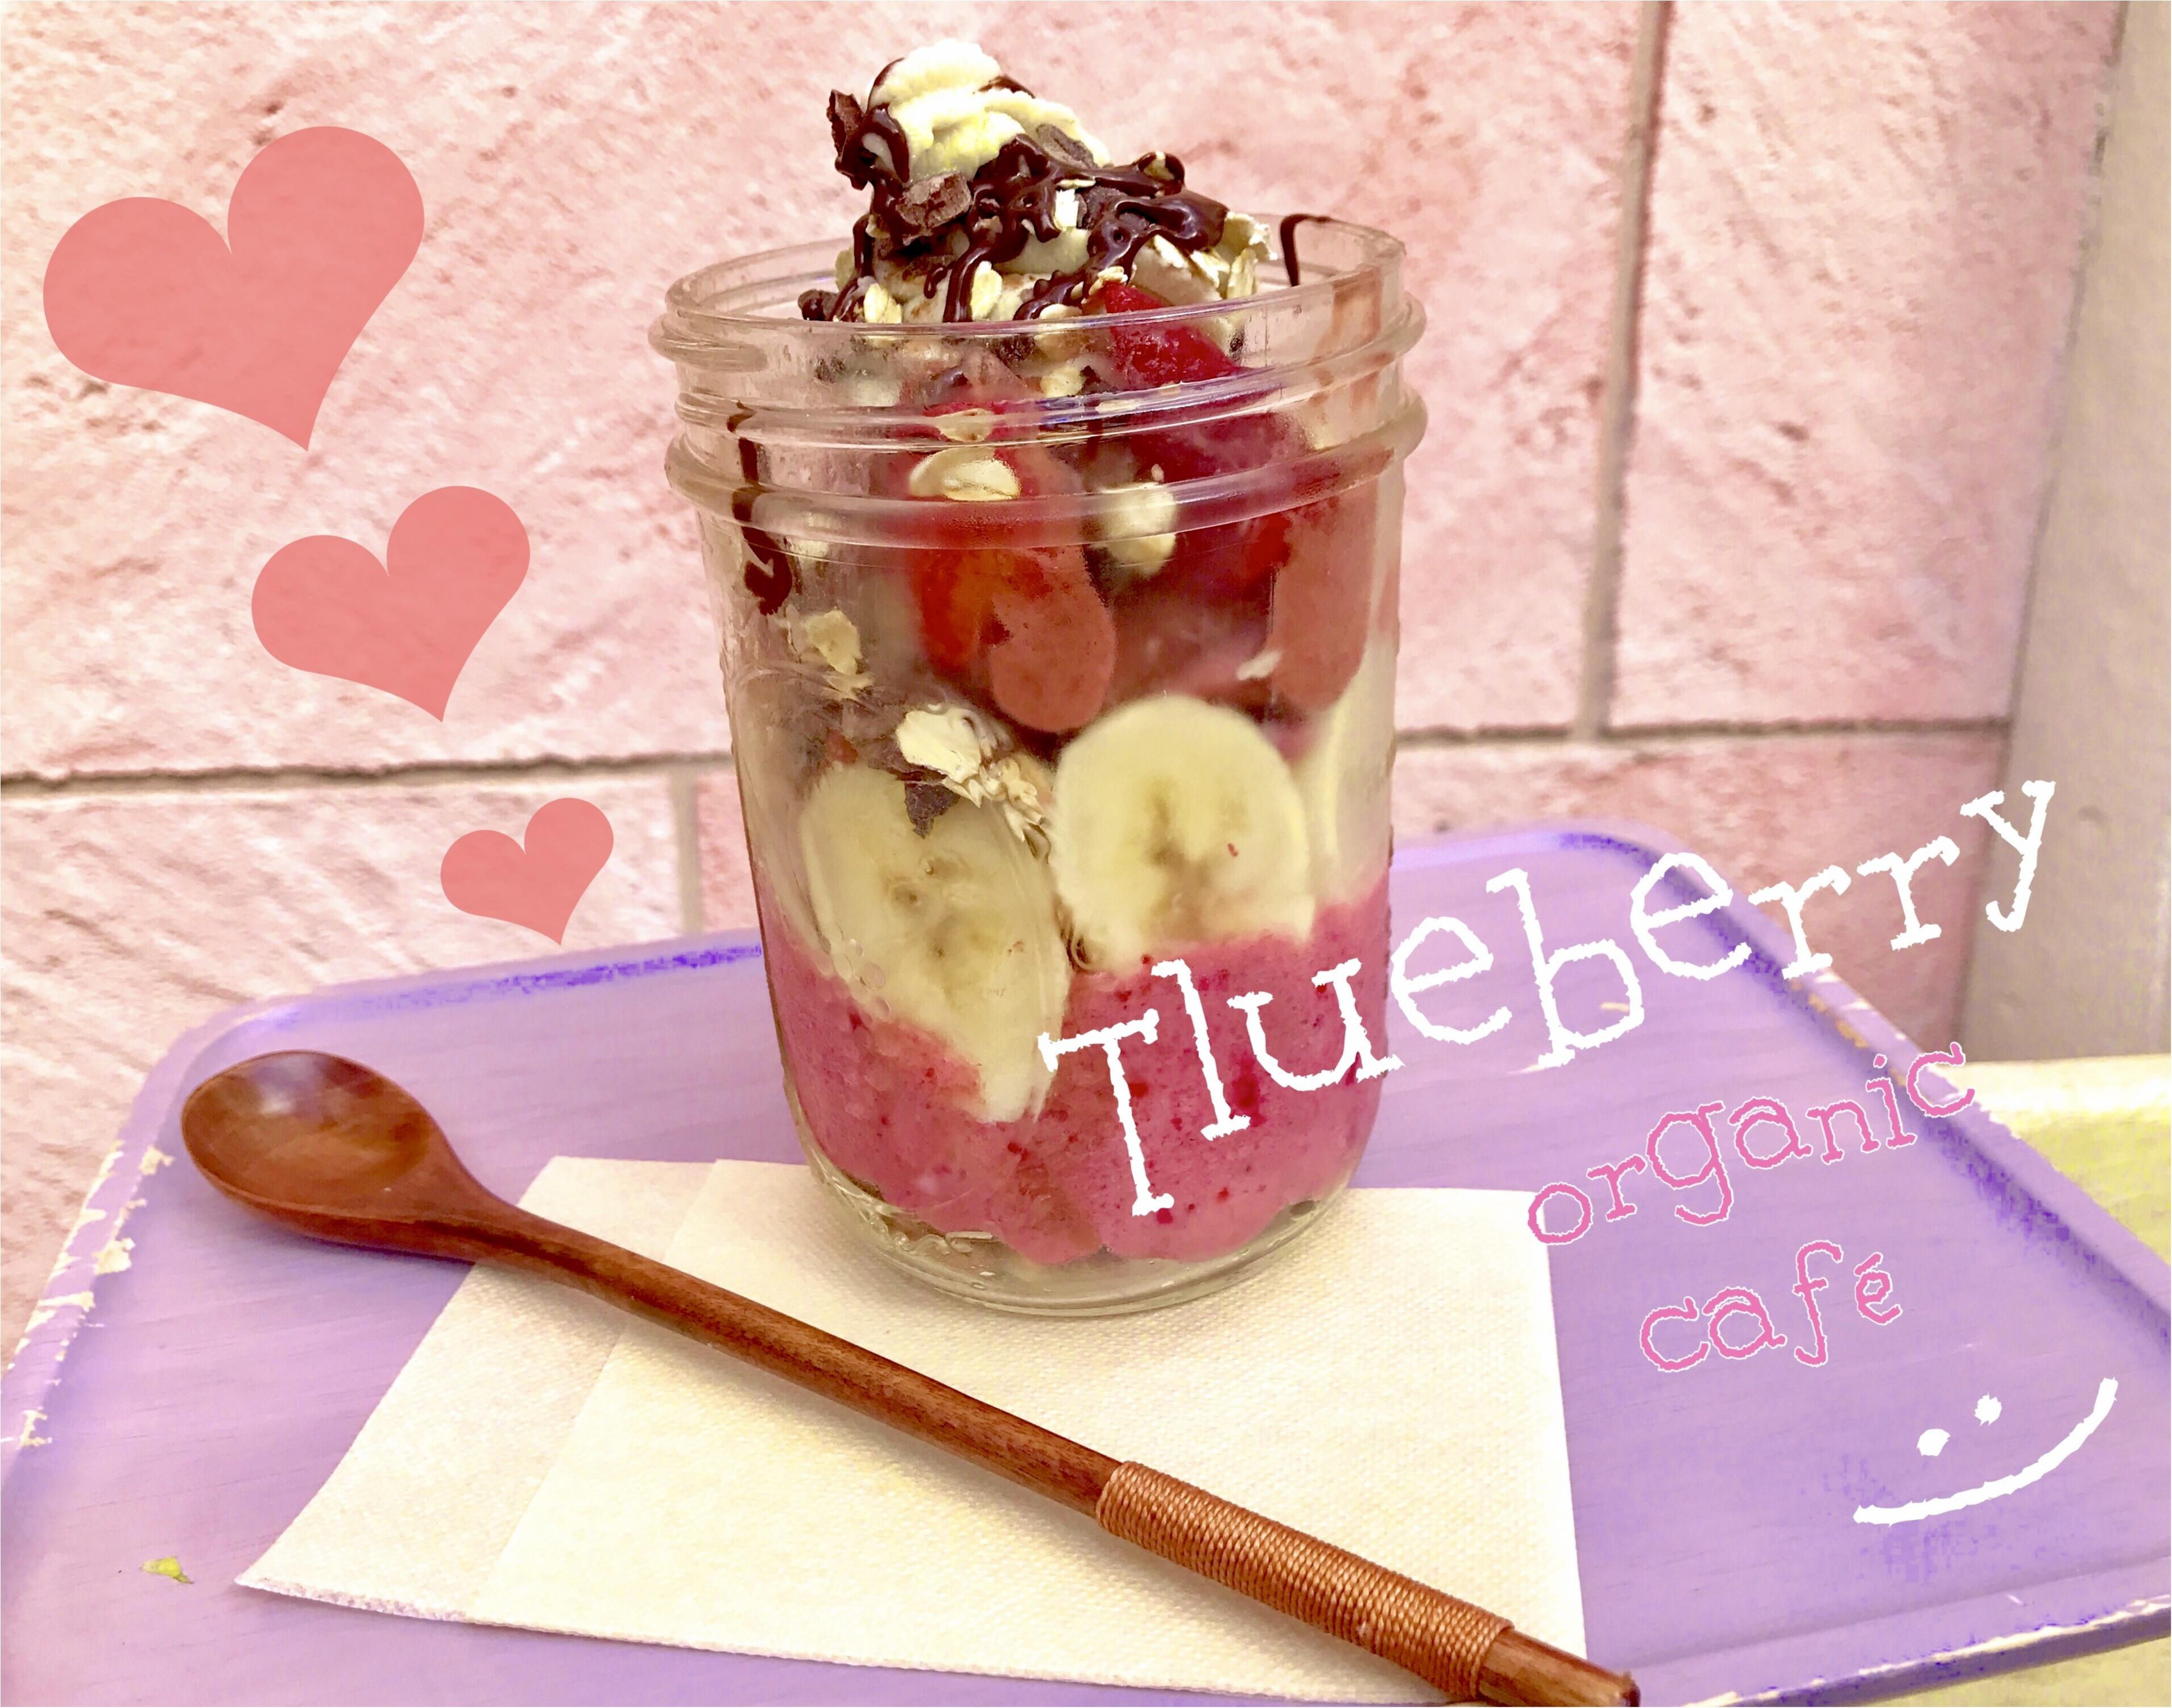 【FOOD】穴場!食べるほどにキレイになれる?!Tureberryのスムージーパフェ♥_11